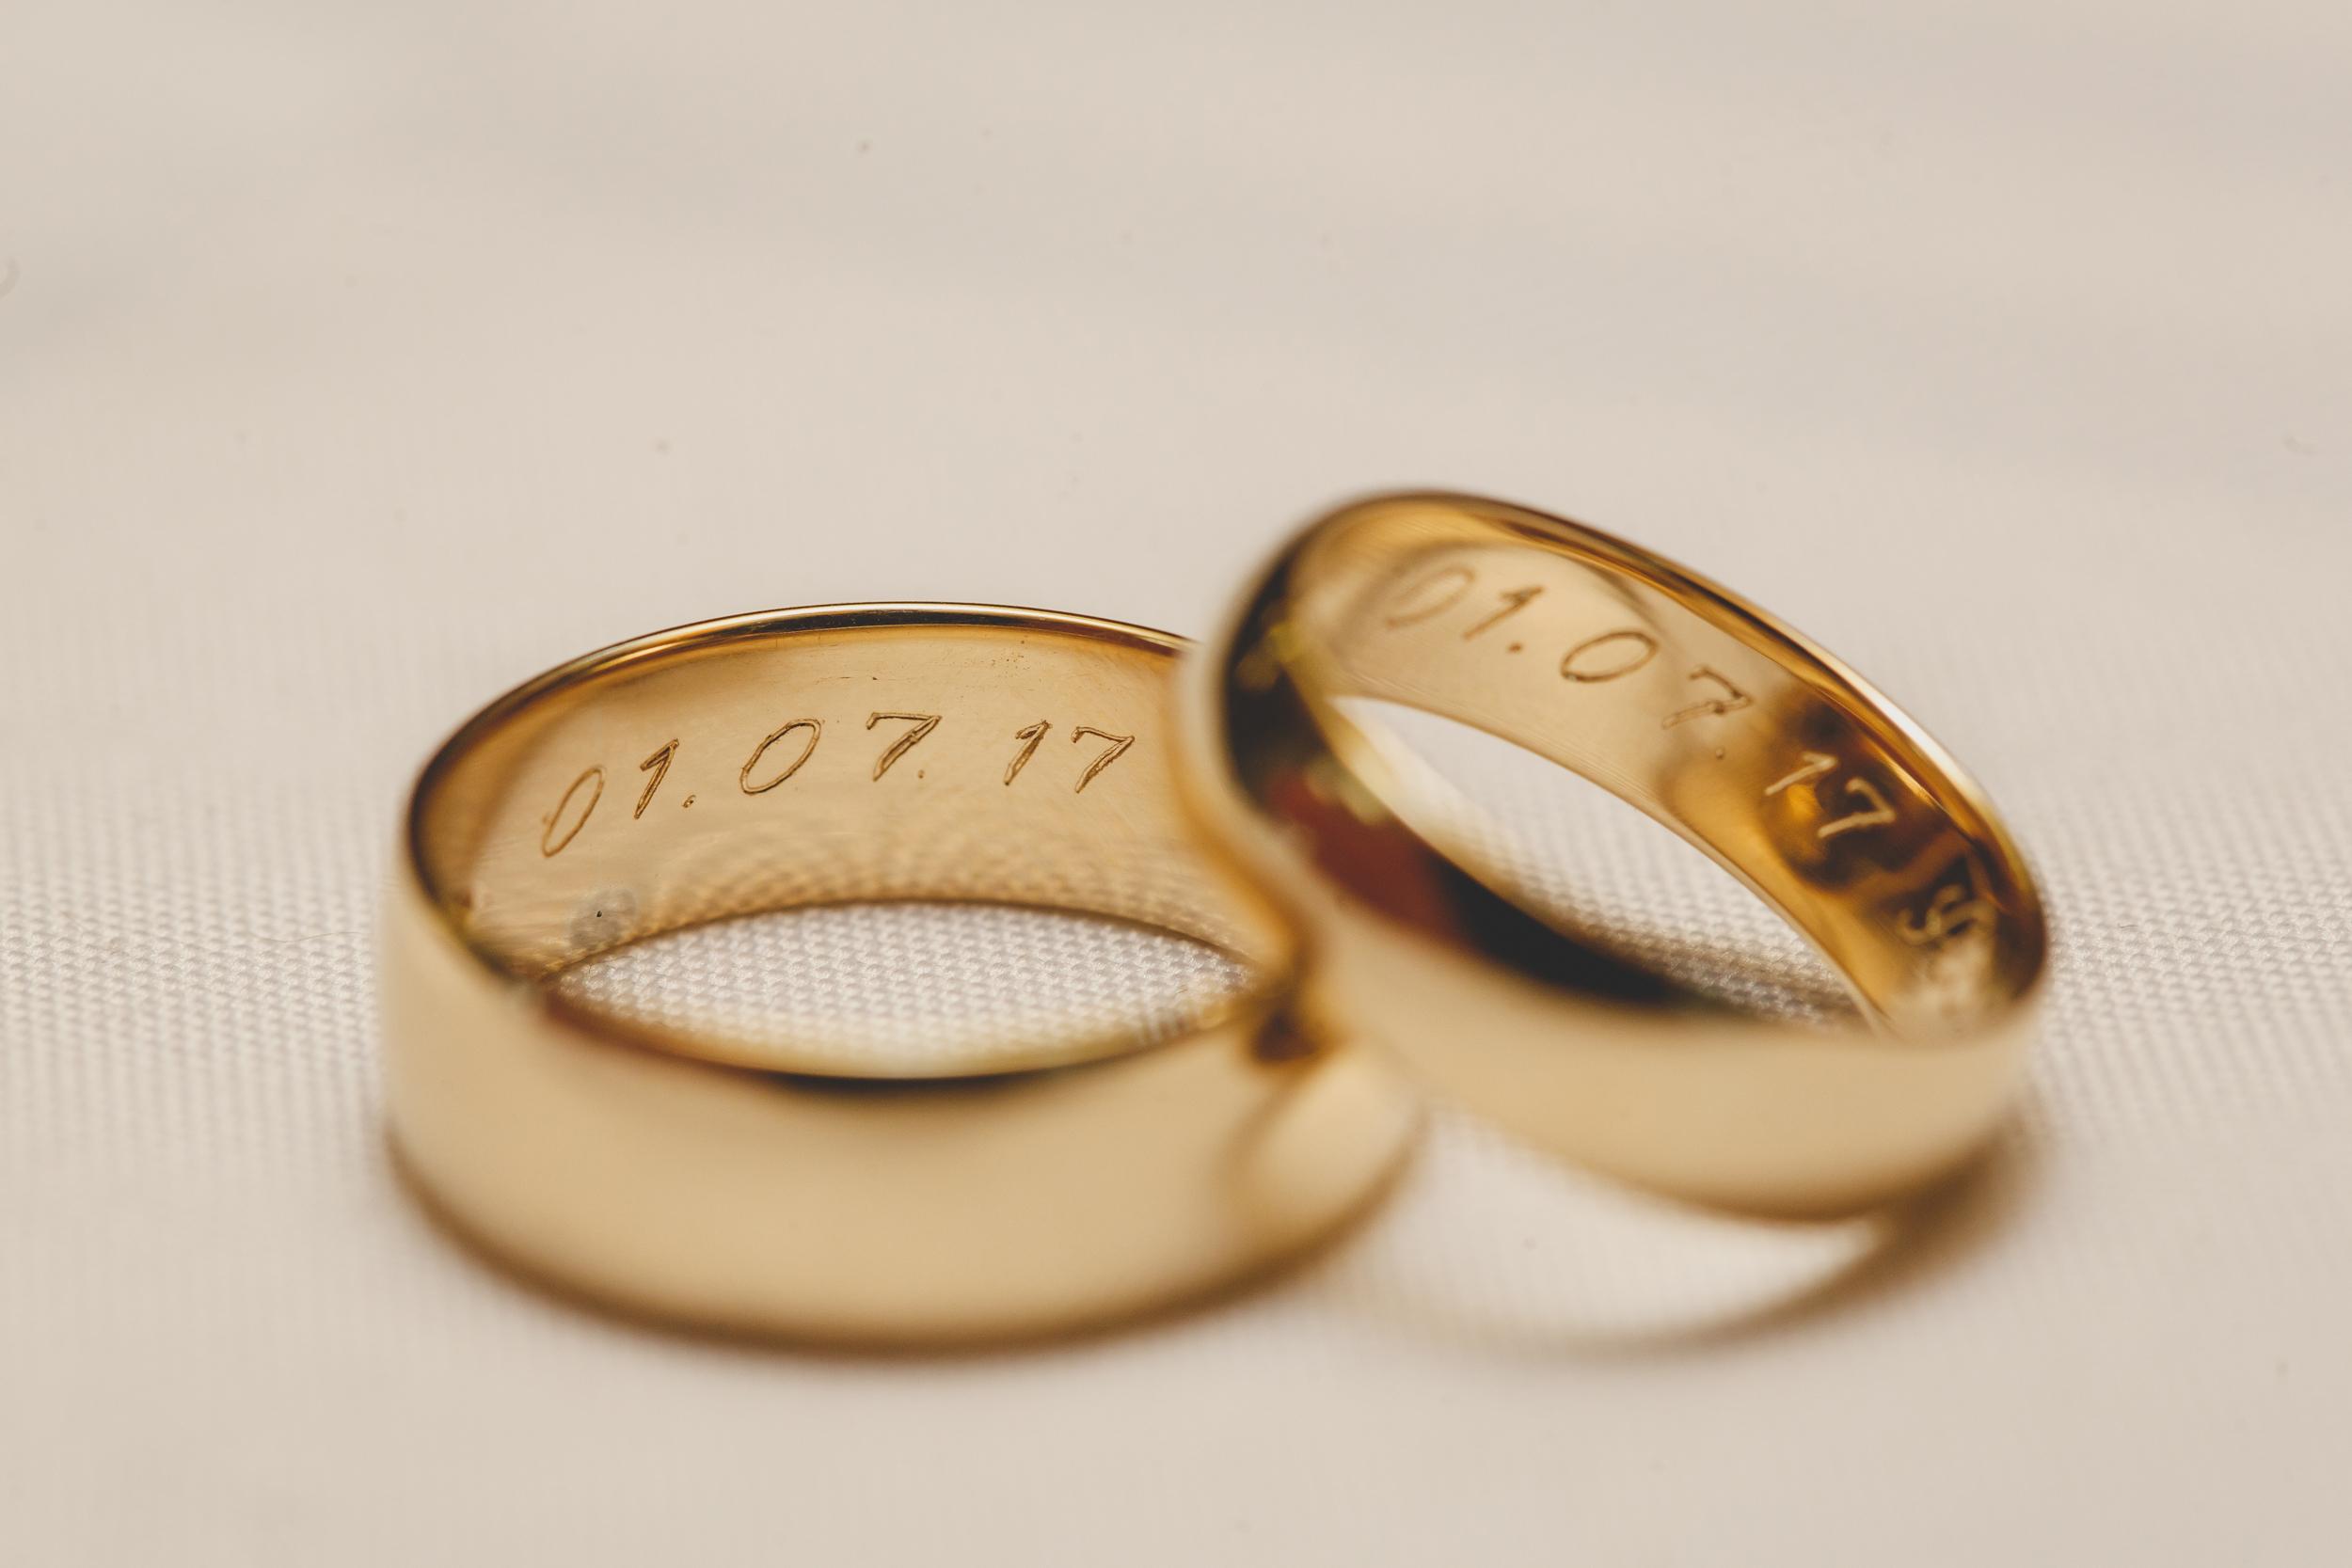 Brudkaup01-030.jpg